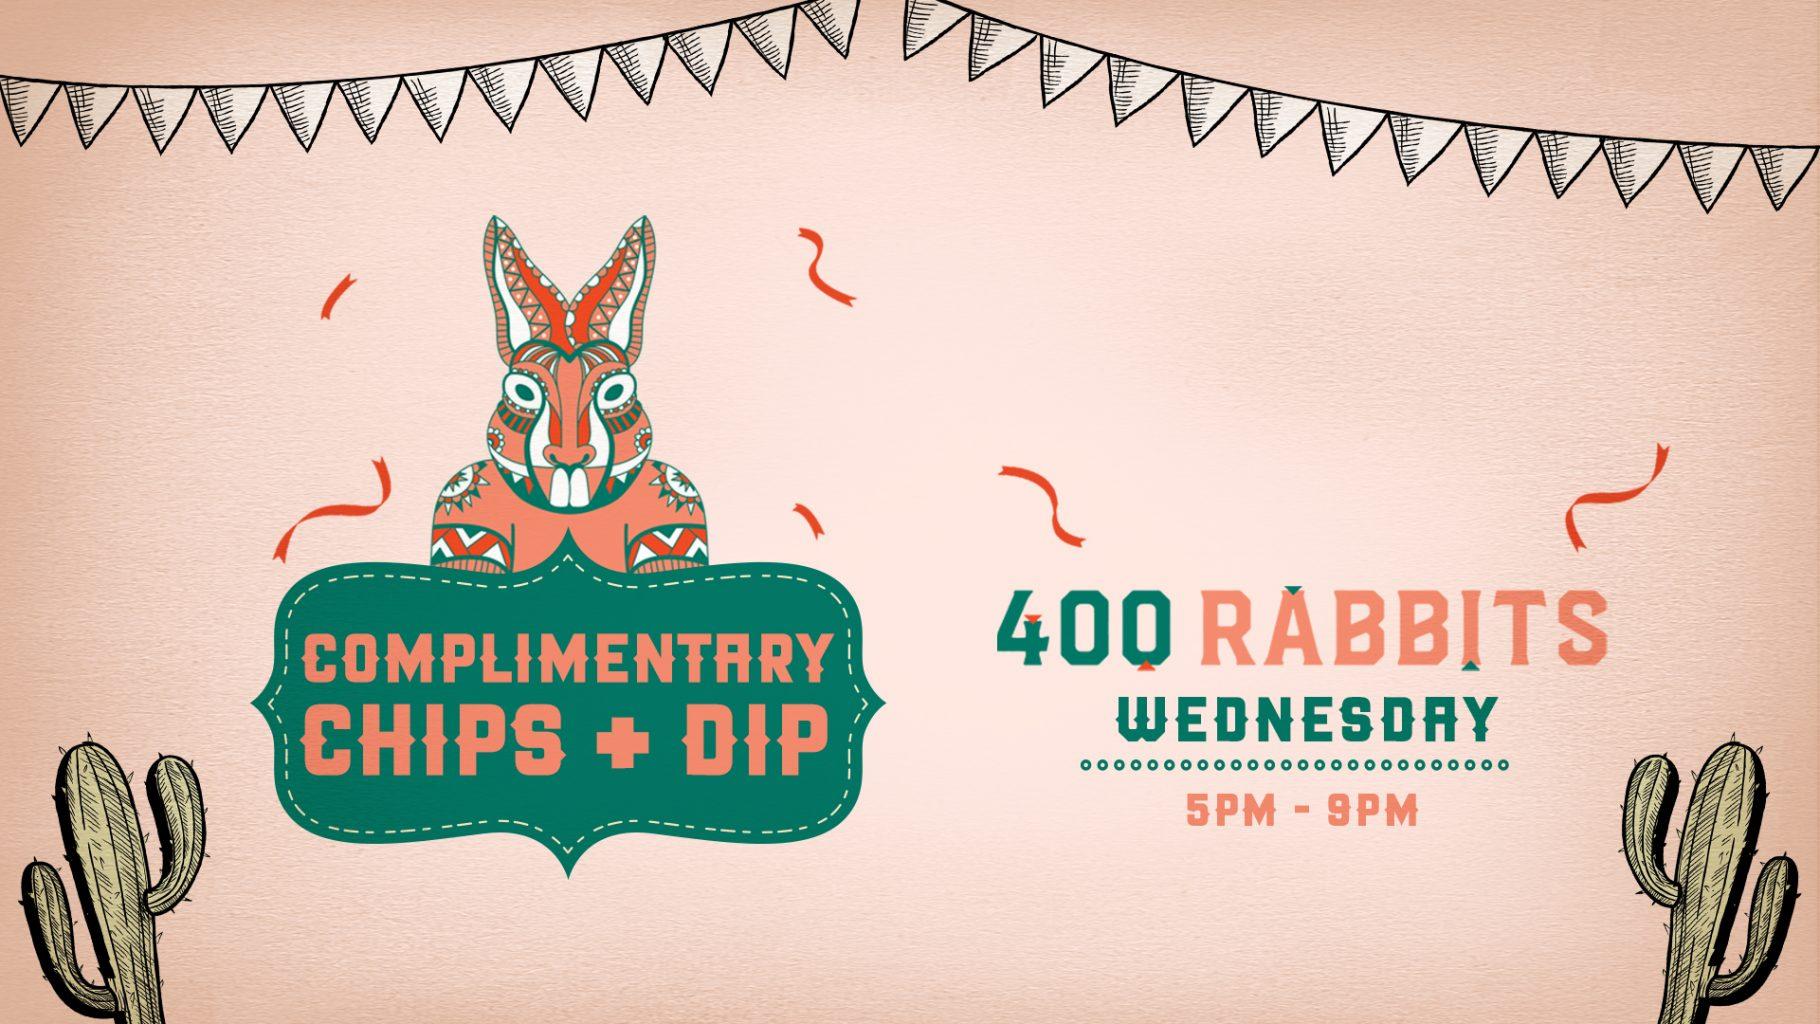 FREE CHIPS AND DIP AT 400 RABBITS